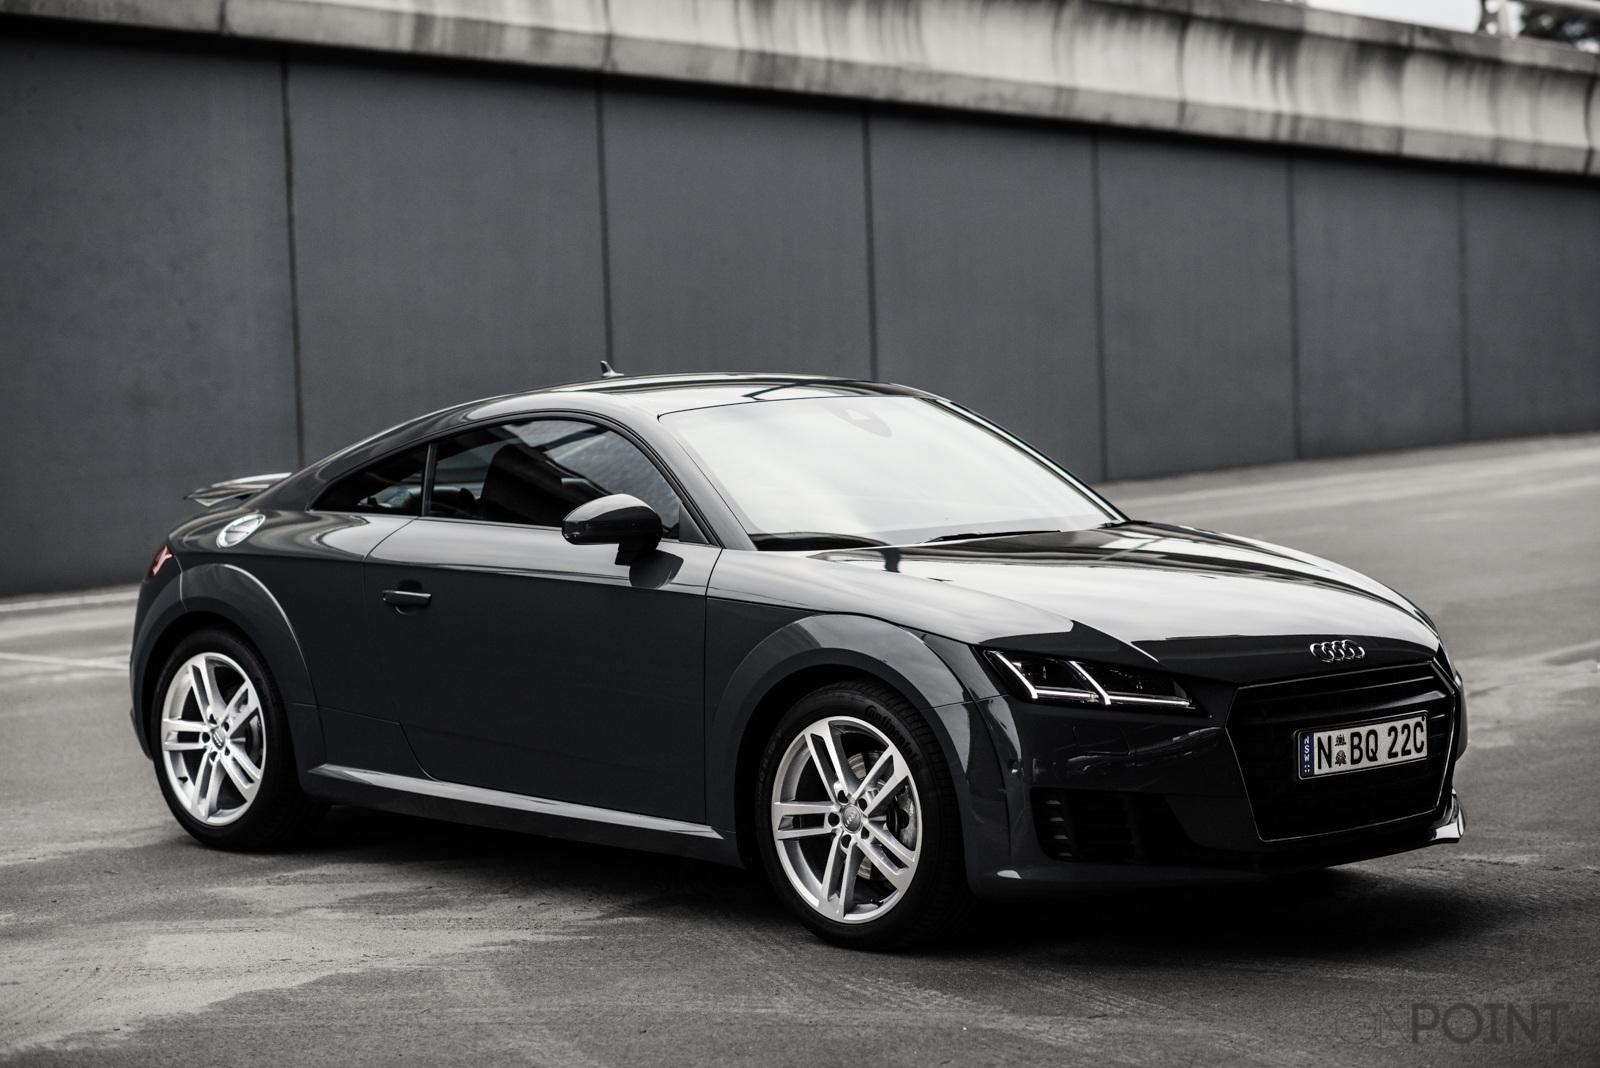 Kelebihan Kekurangan Audi Tt 2015 Top Model Tahun Ini